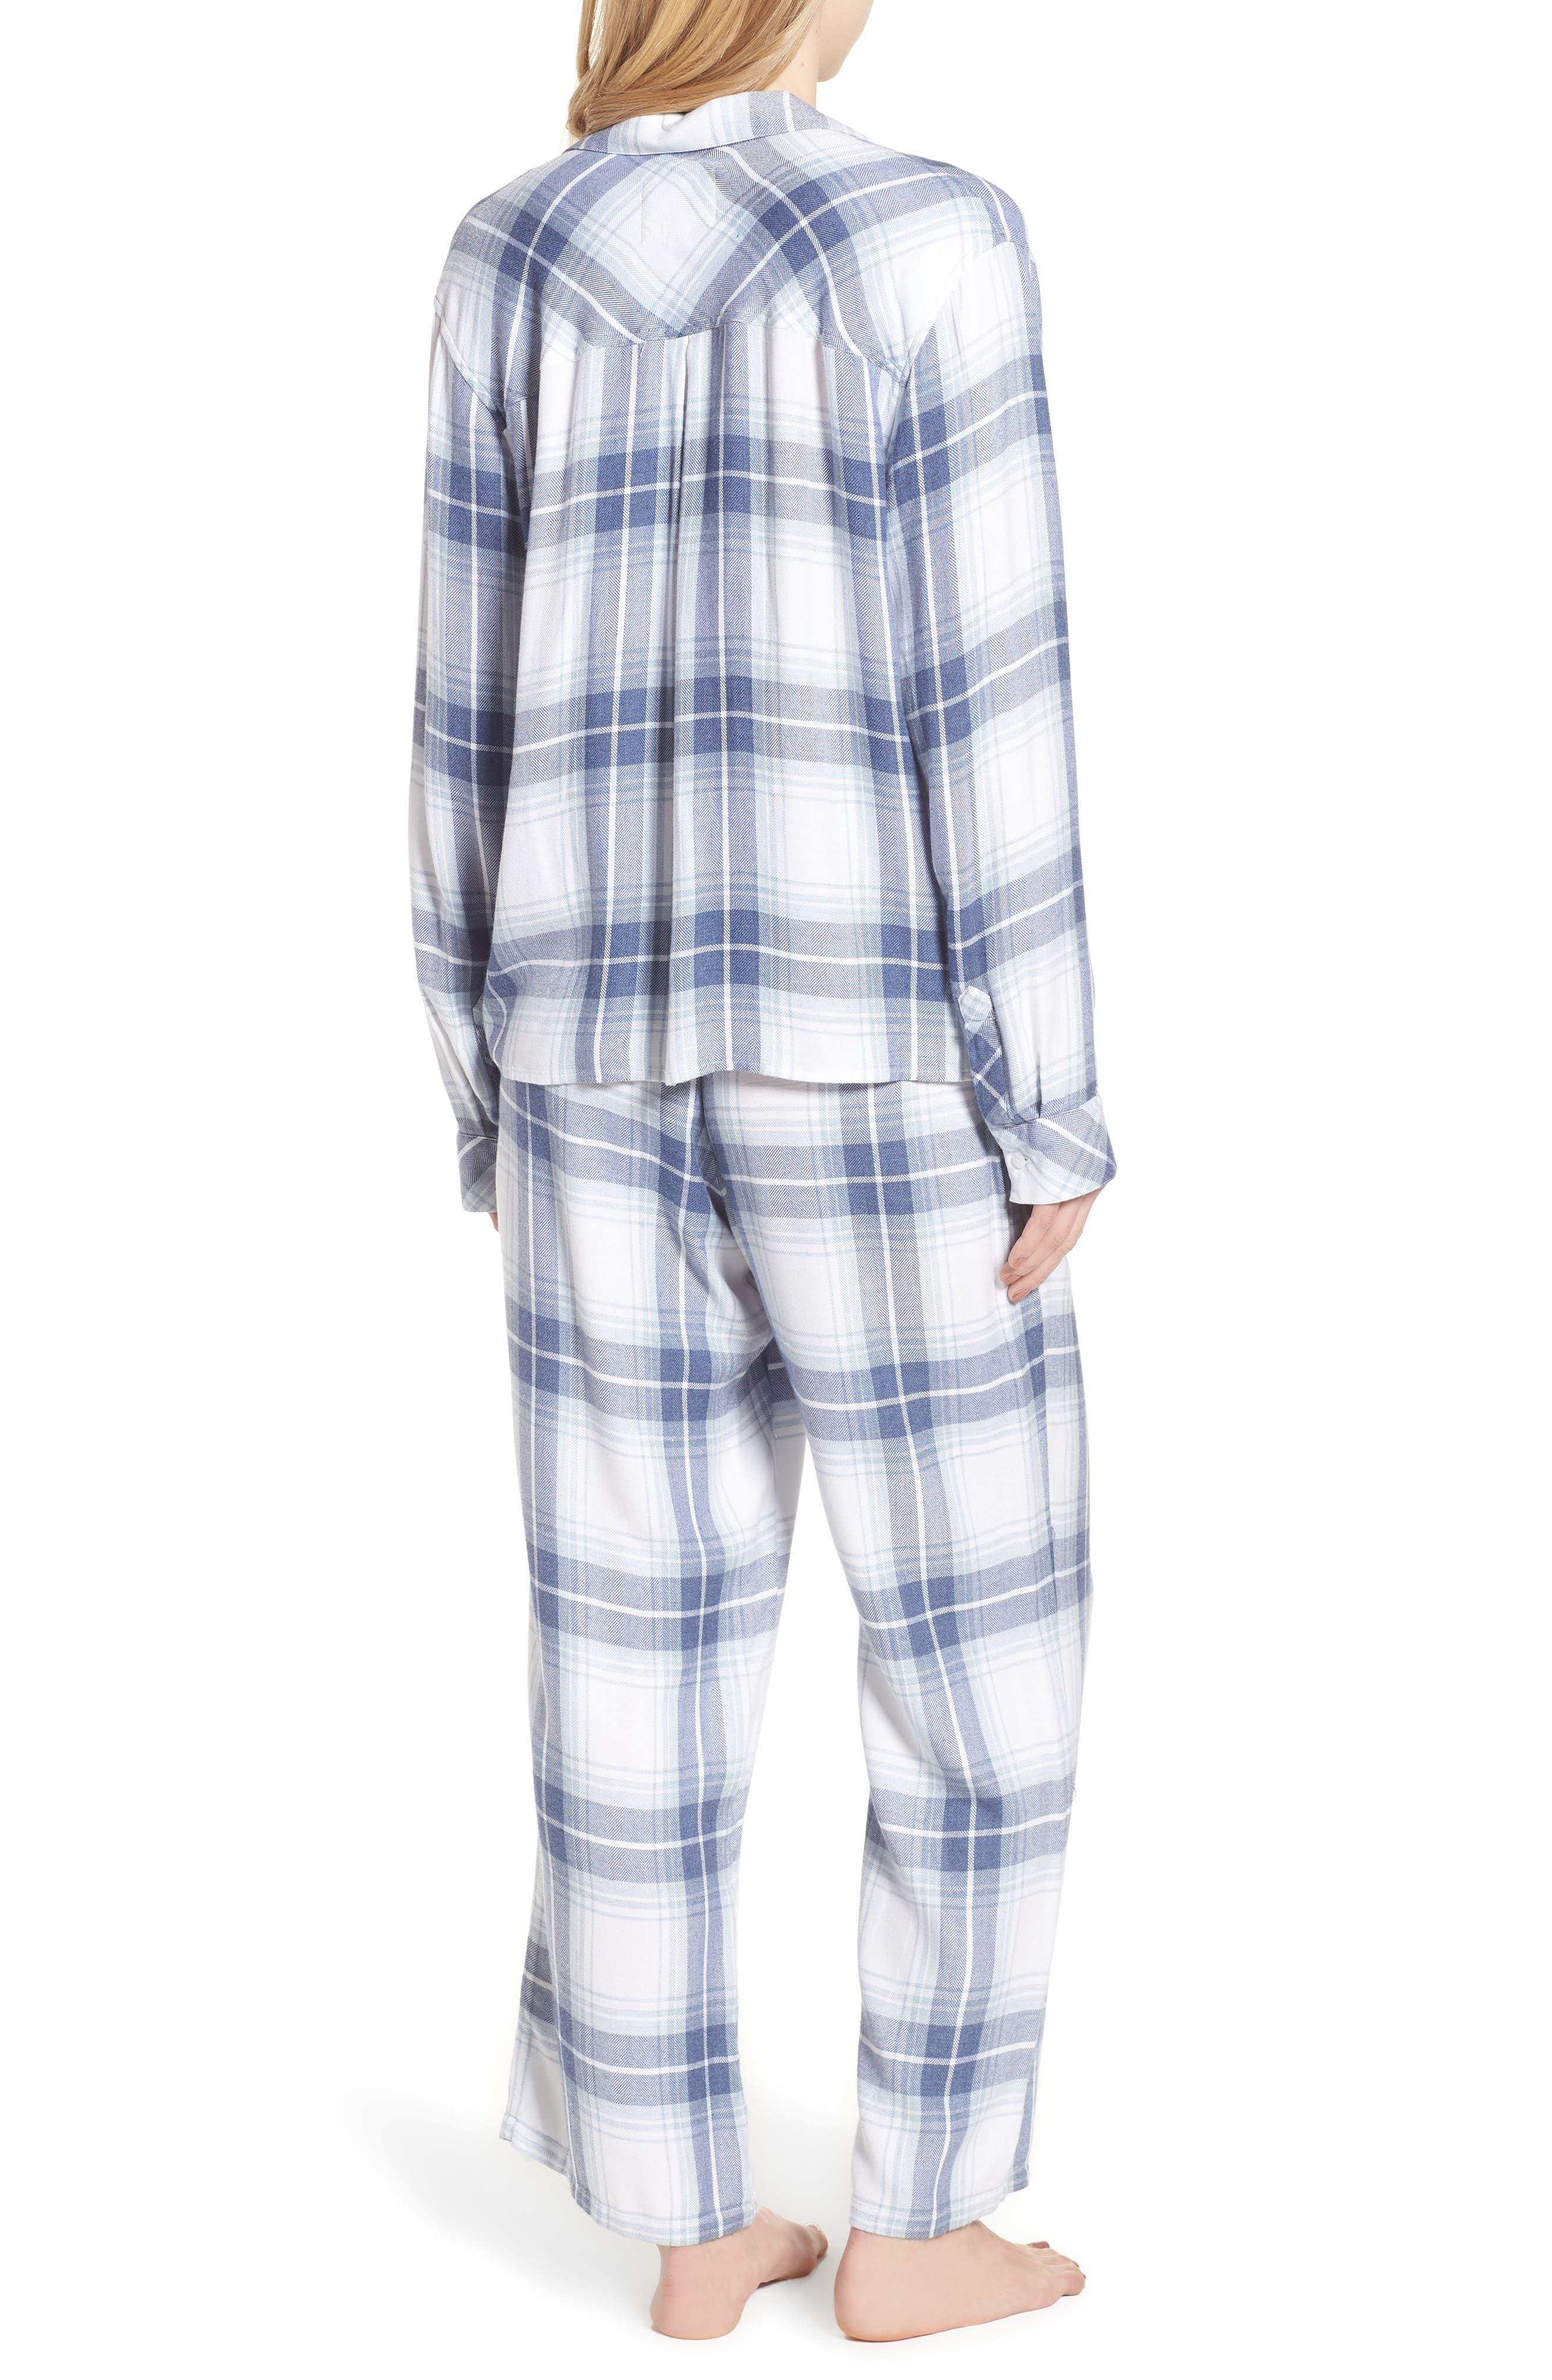 Plaid Pajamas,                             Alternate thumbnail 2, color,                             Pacific Sky White